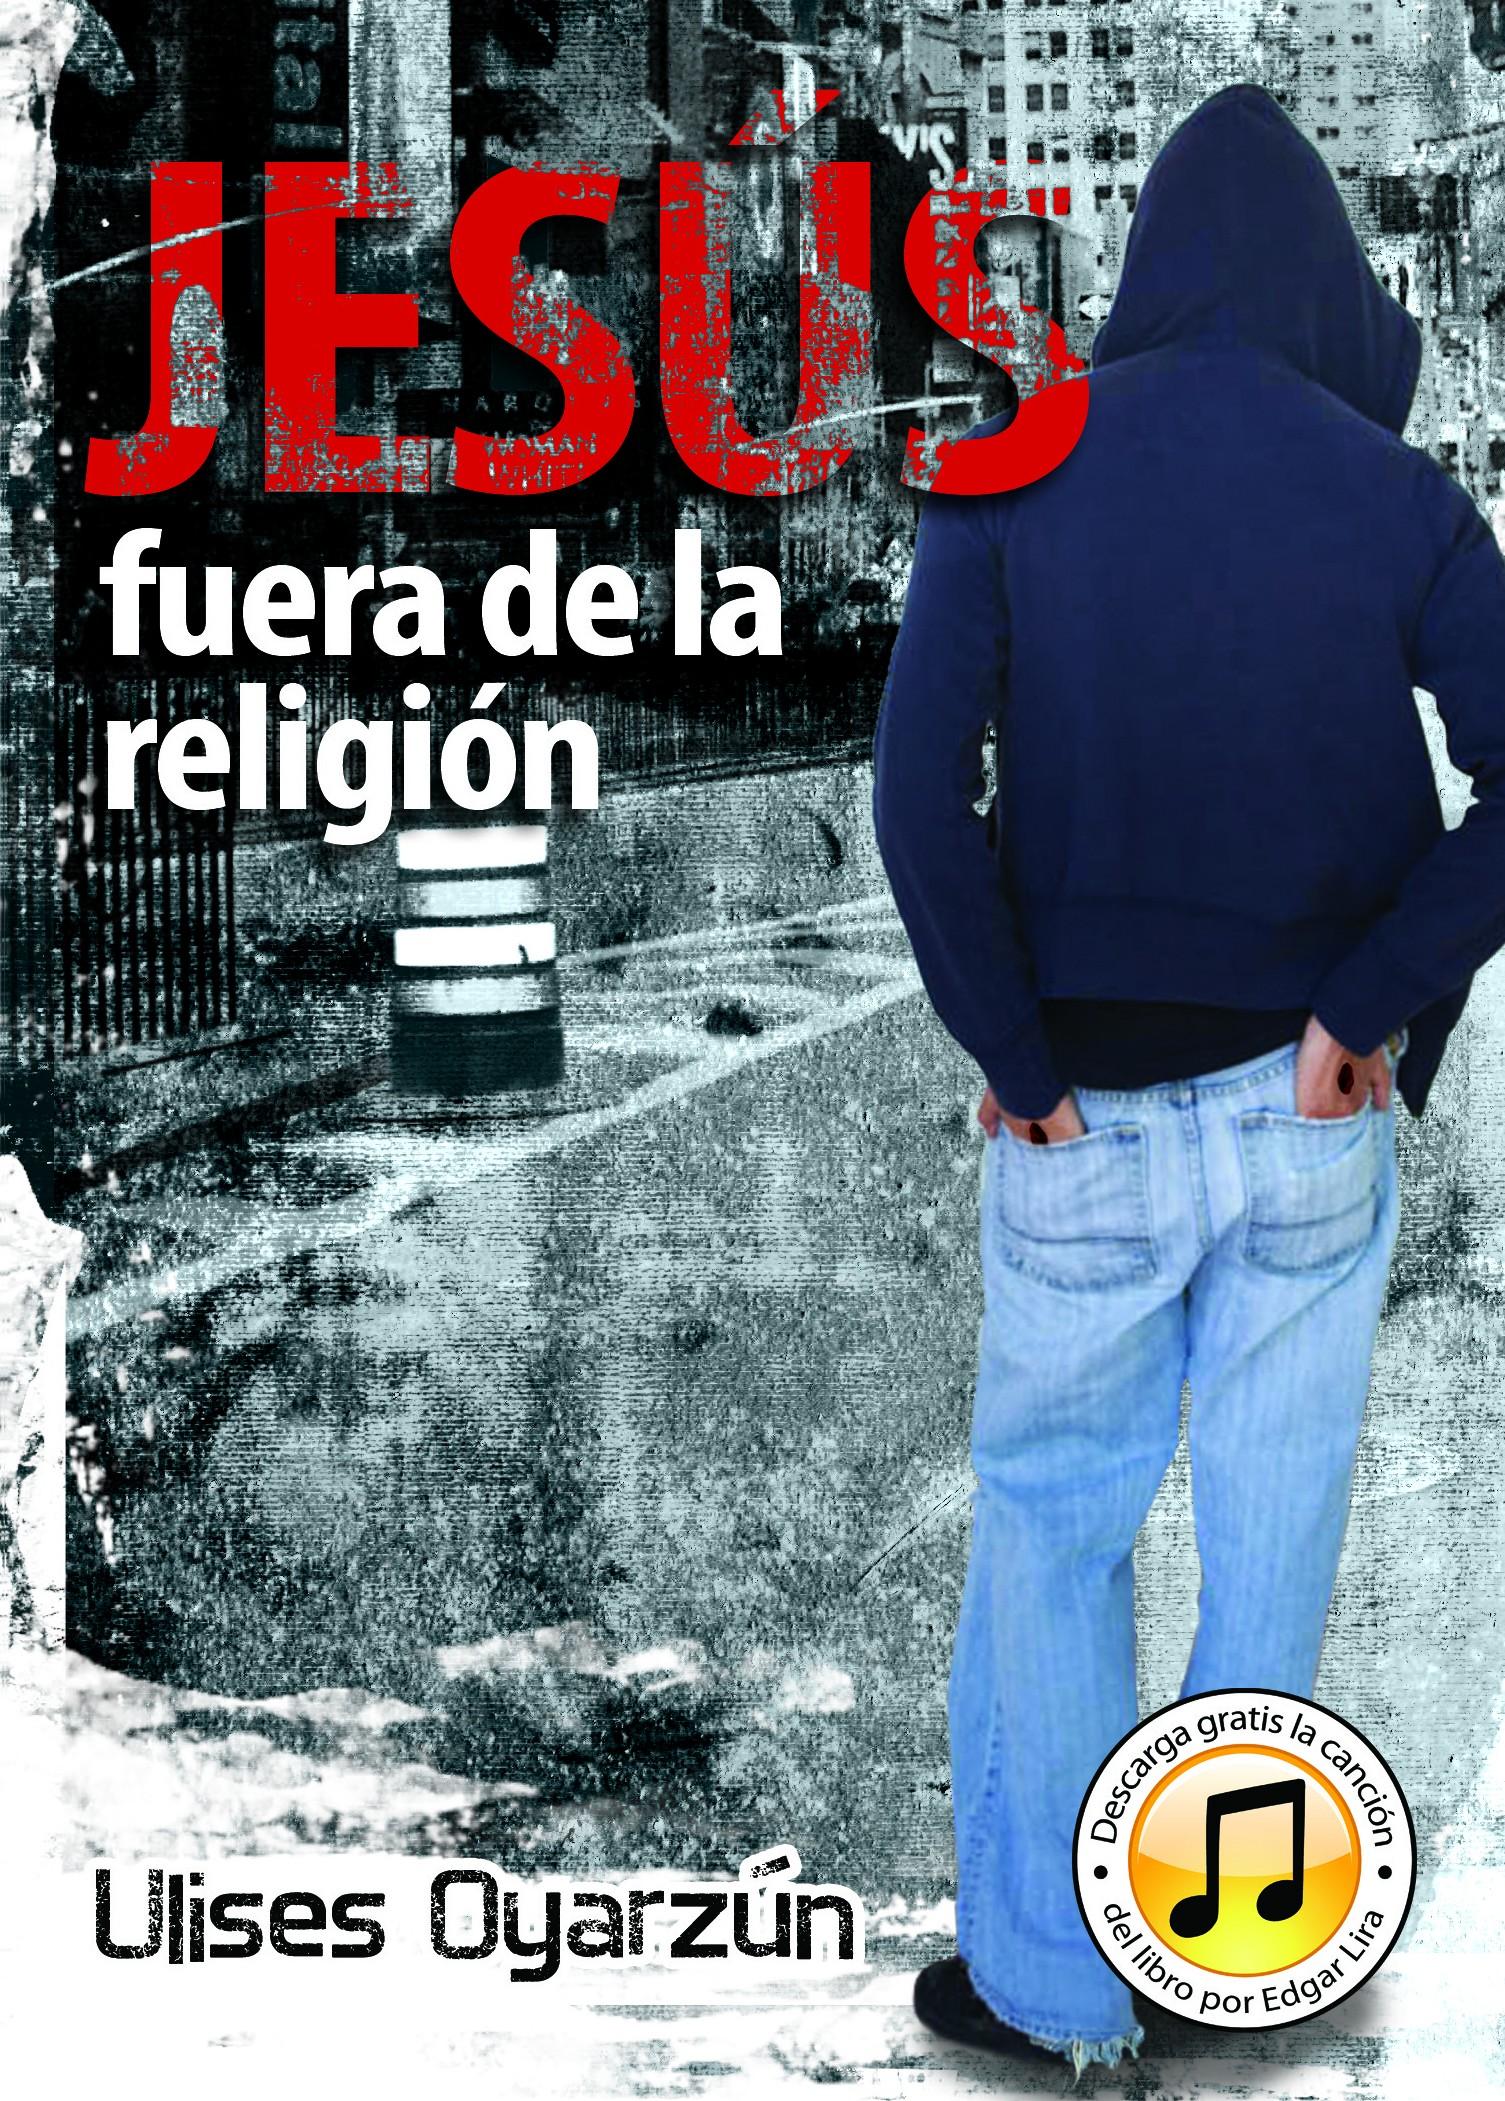 Jesús fuera de la religión